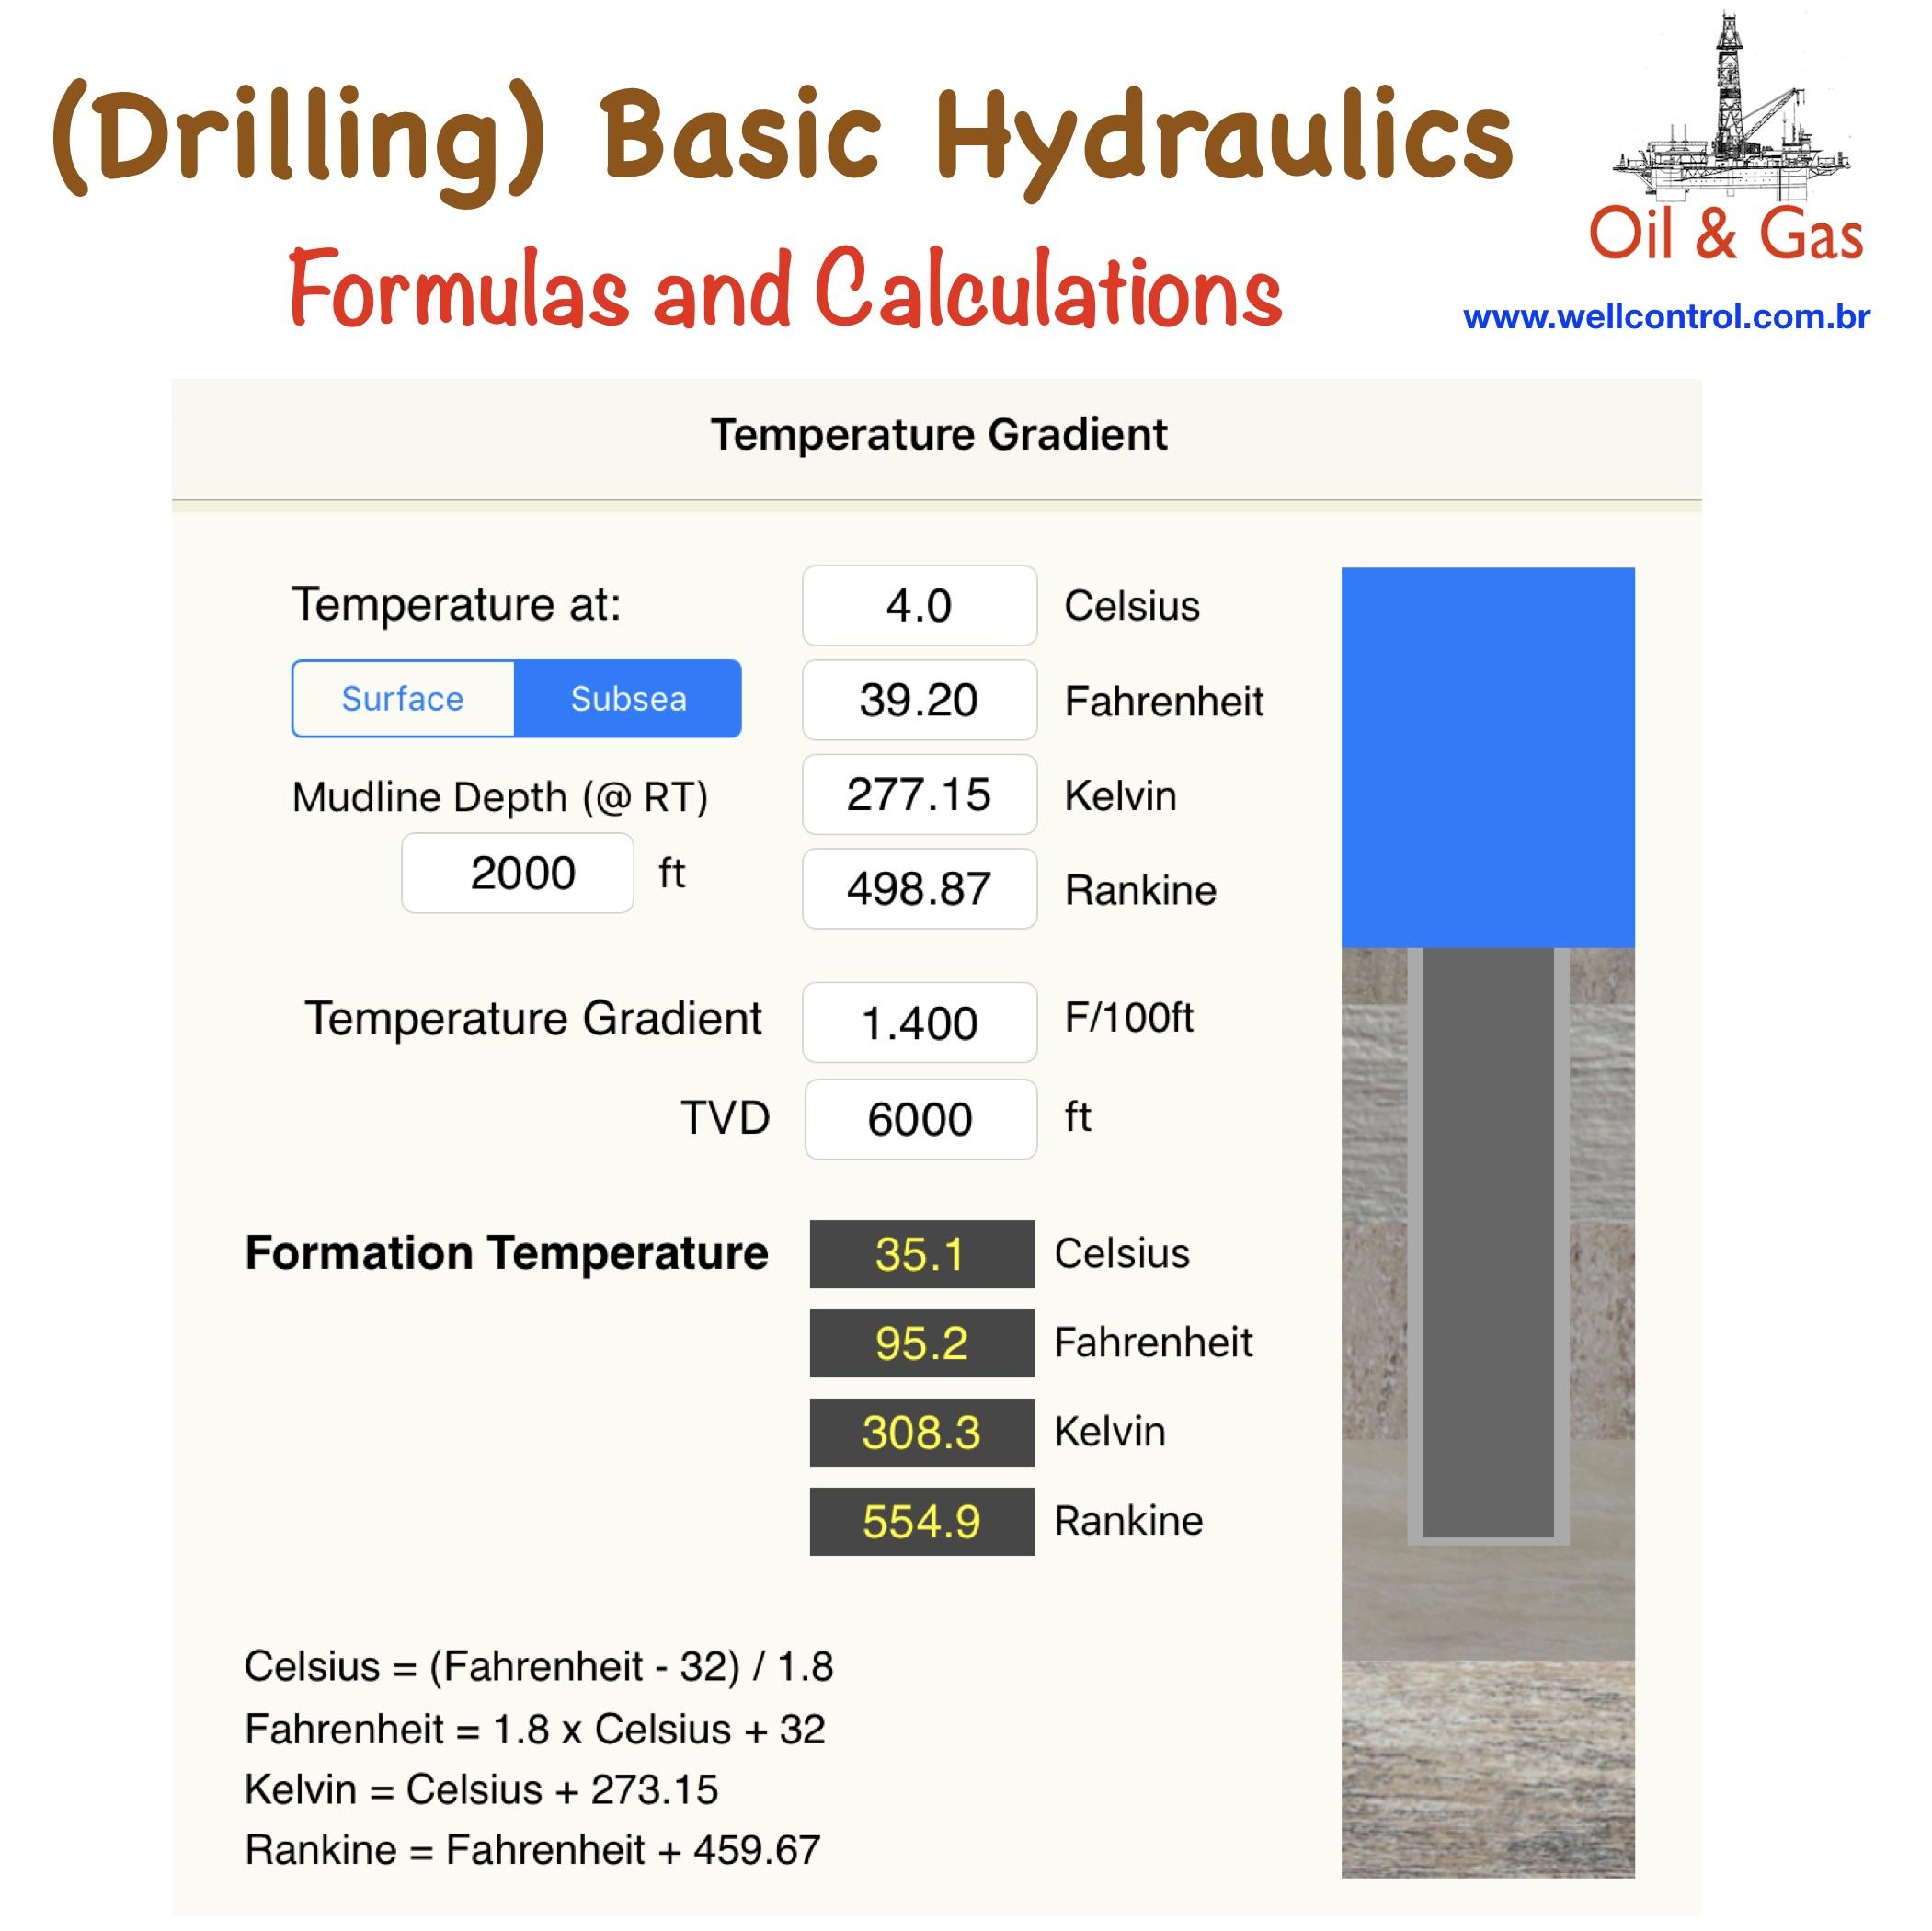 hydraulics_21_03